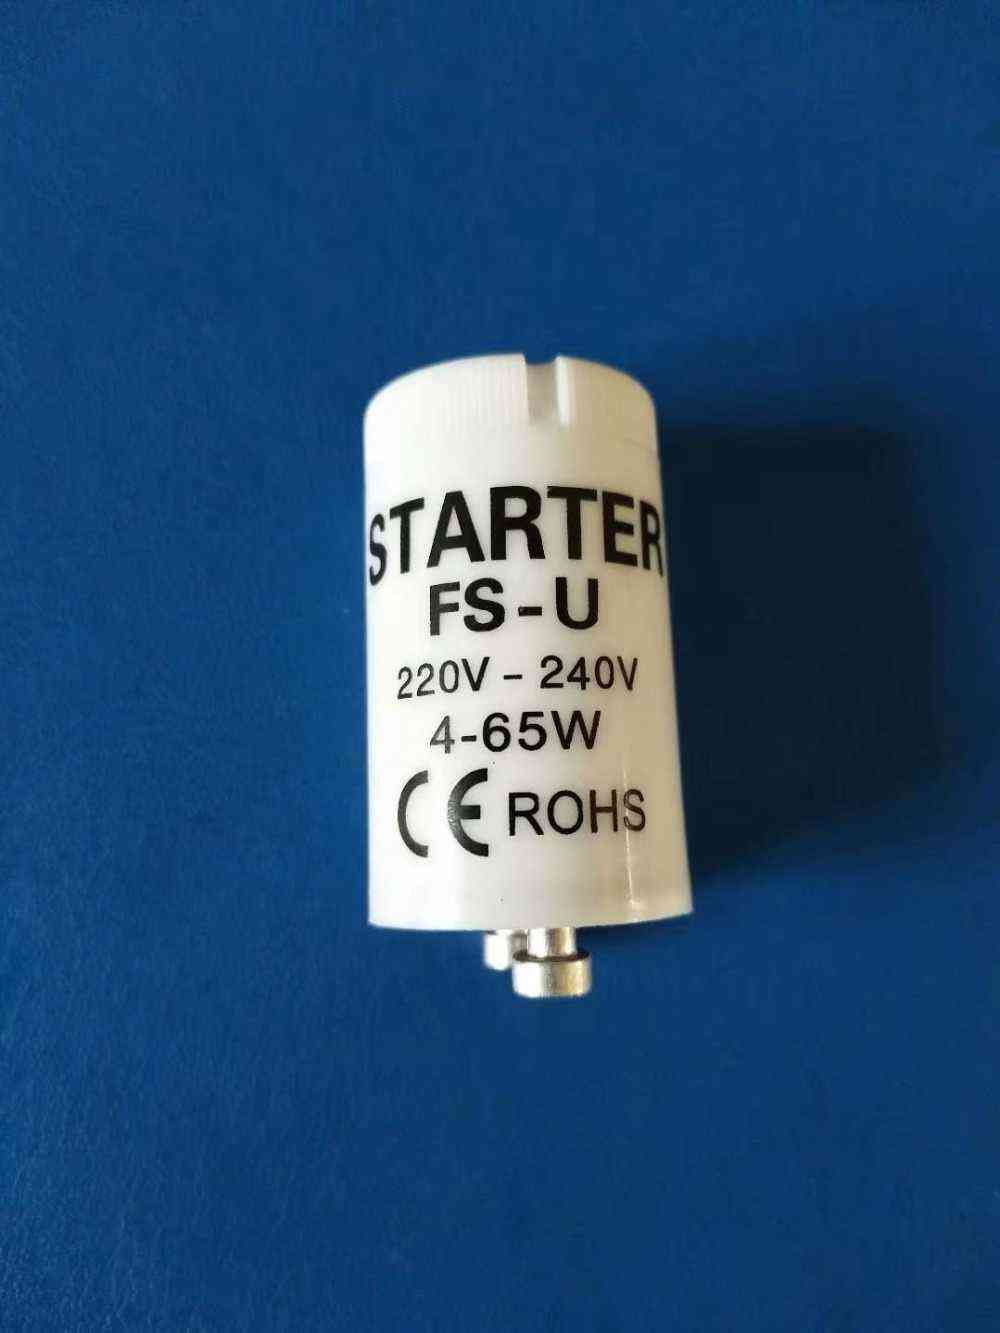 220-240v-fluorescent Tube Fuse Starter For Housing Light